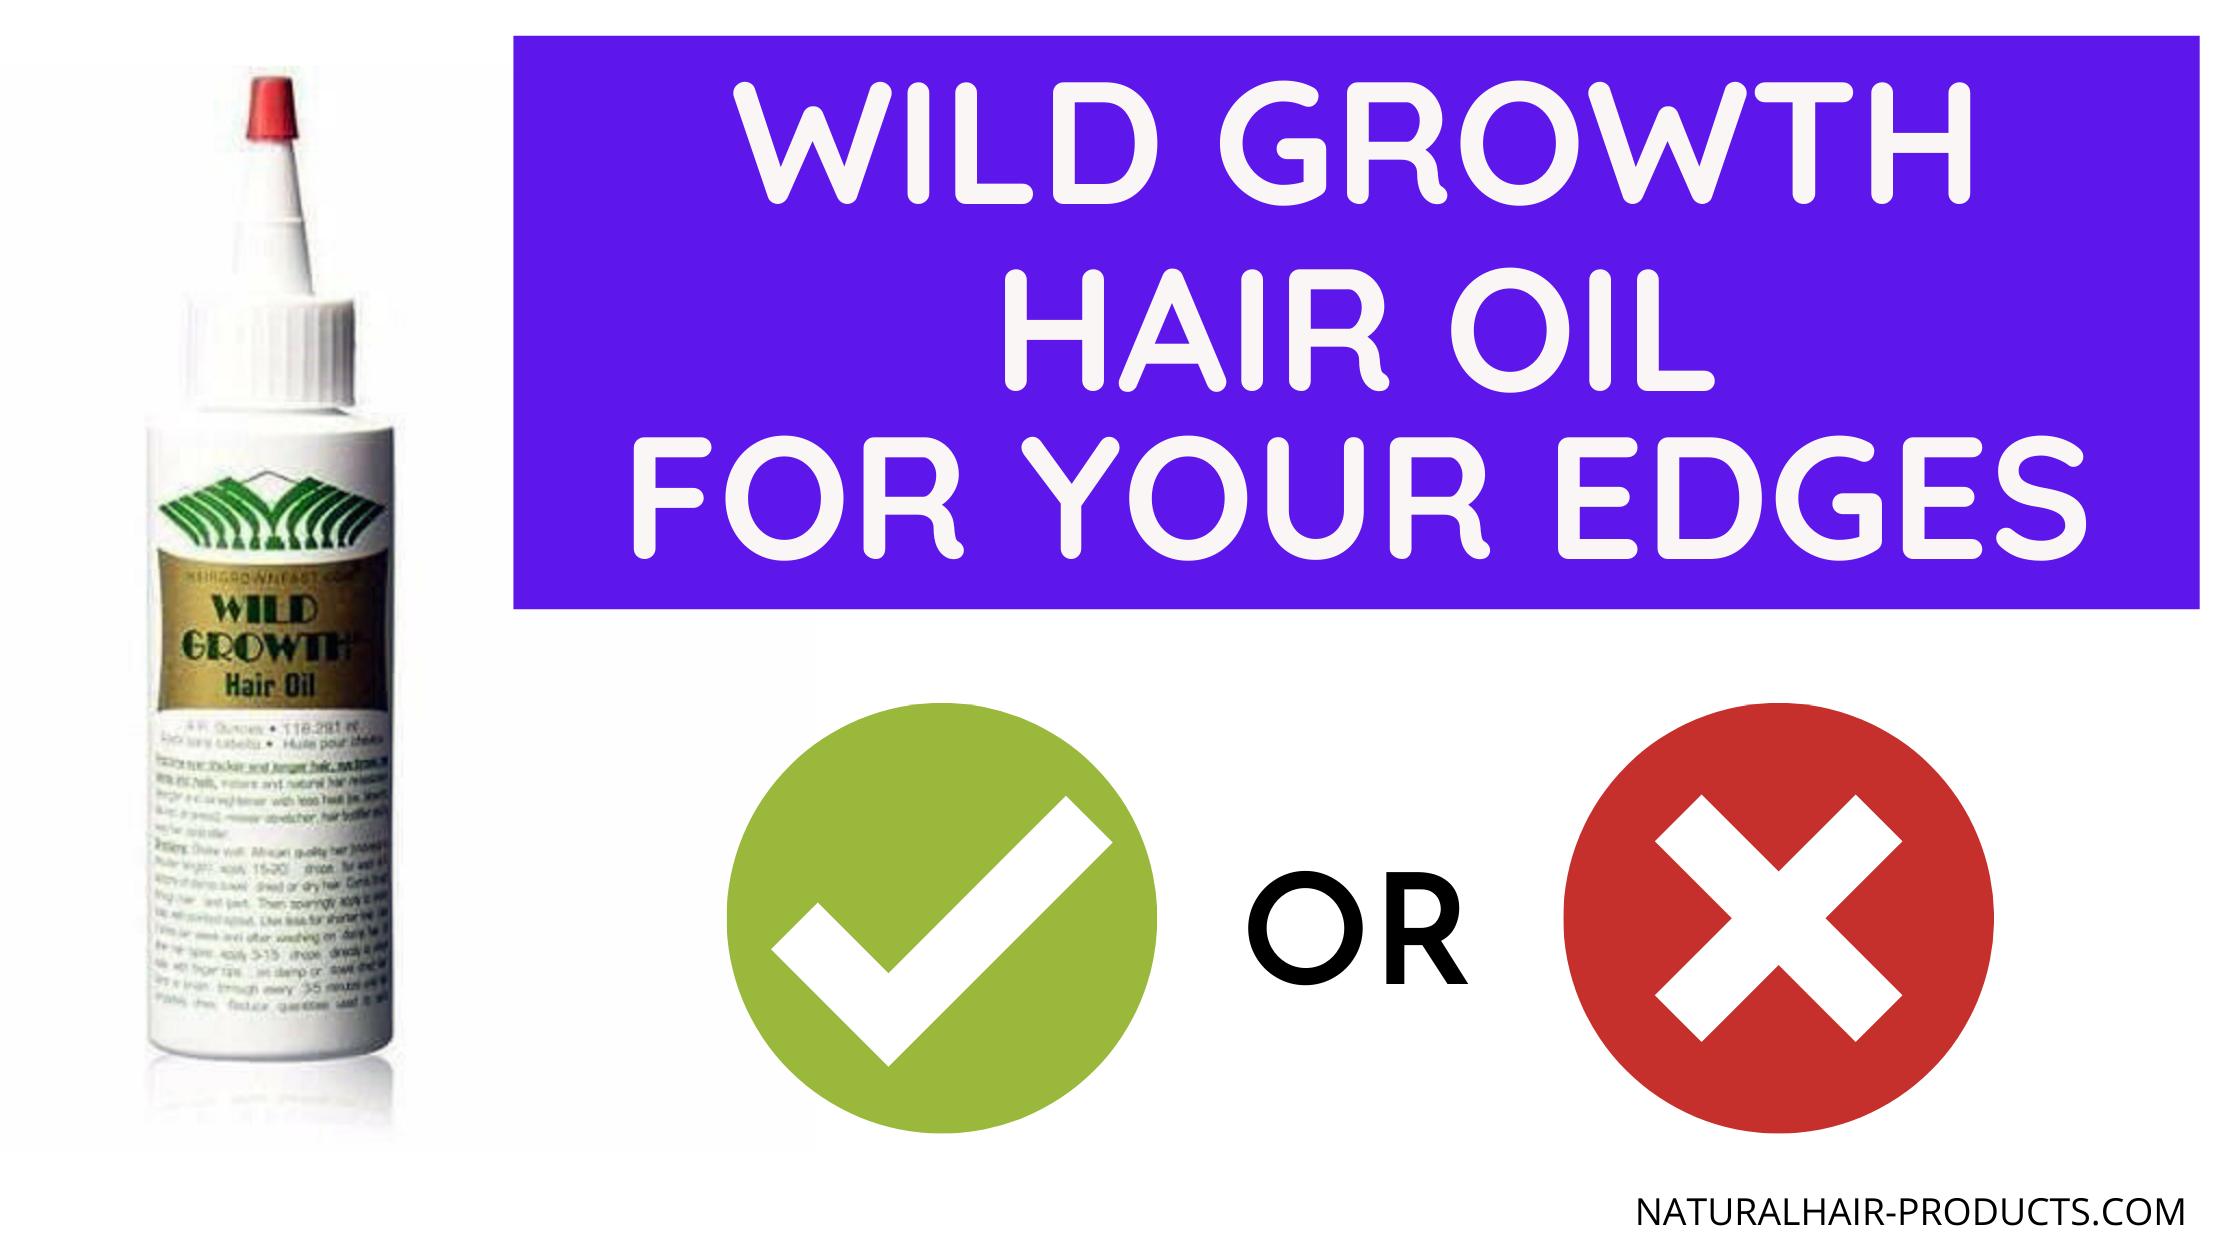 Wild Growth hair oil for edges